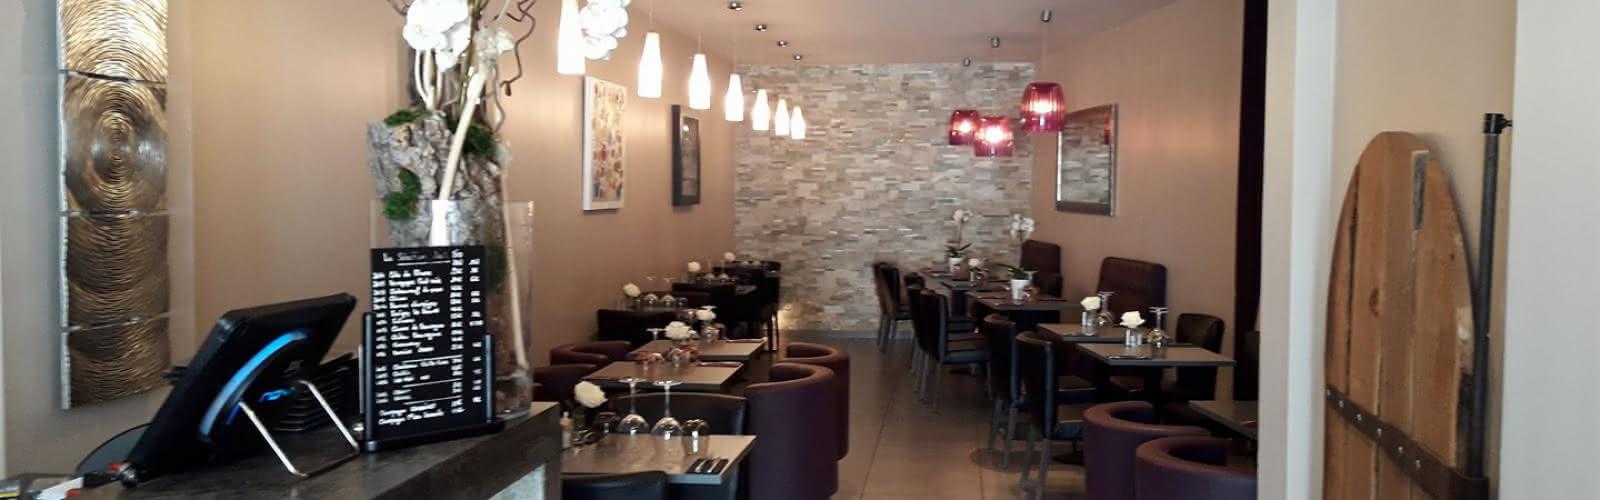 Salle du restaurant Ô Puits